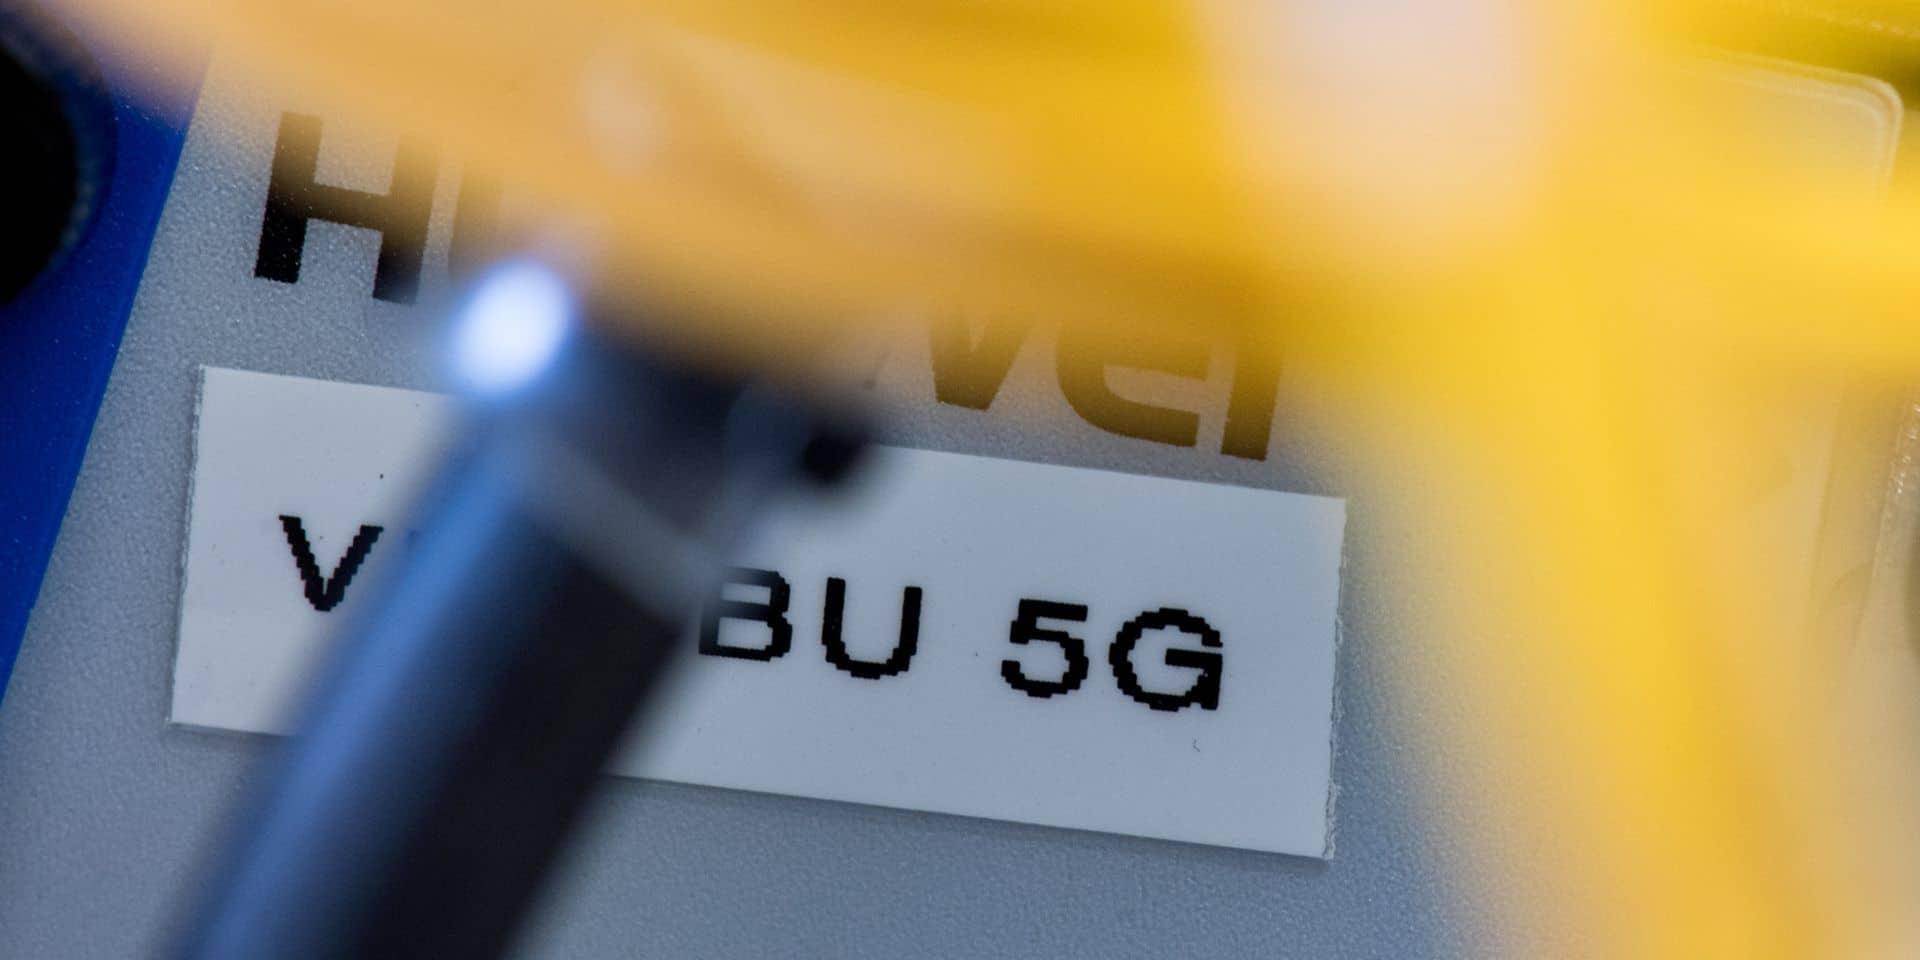 Accord de gouvernement wallon : La 5G sera déployée après évaluation sur les plans environnemental et de la santé publique